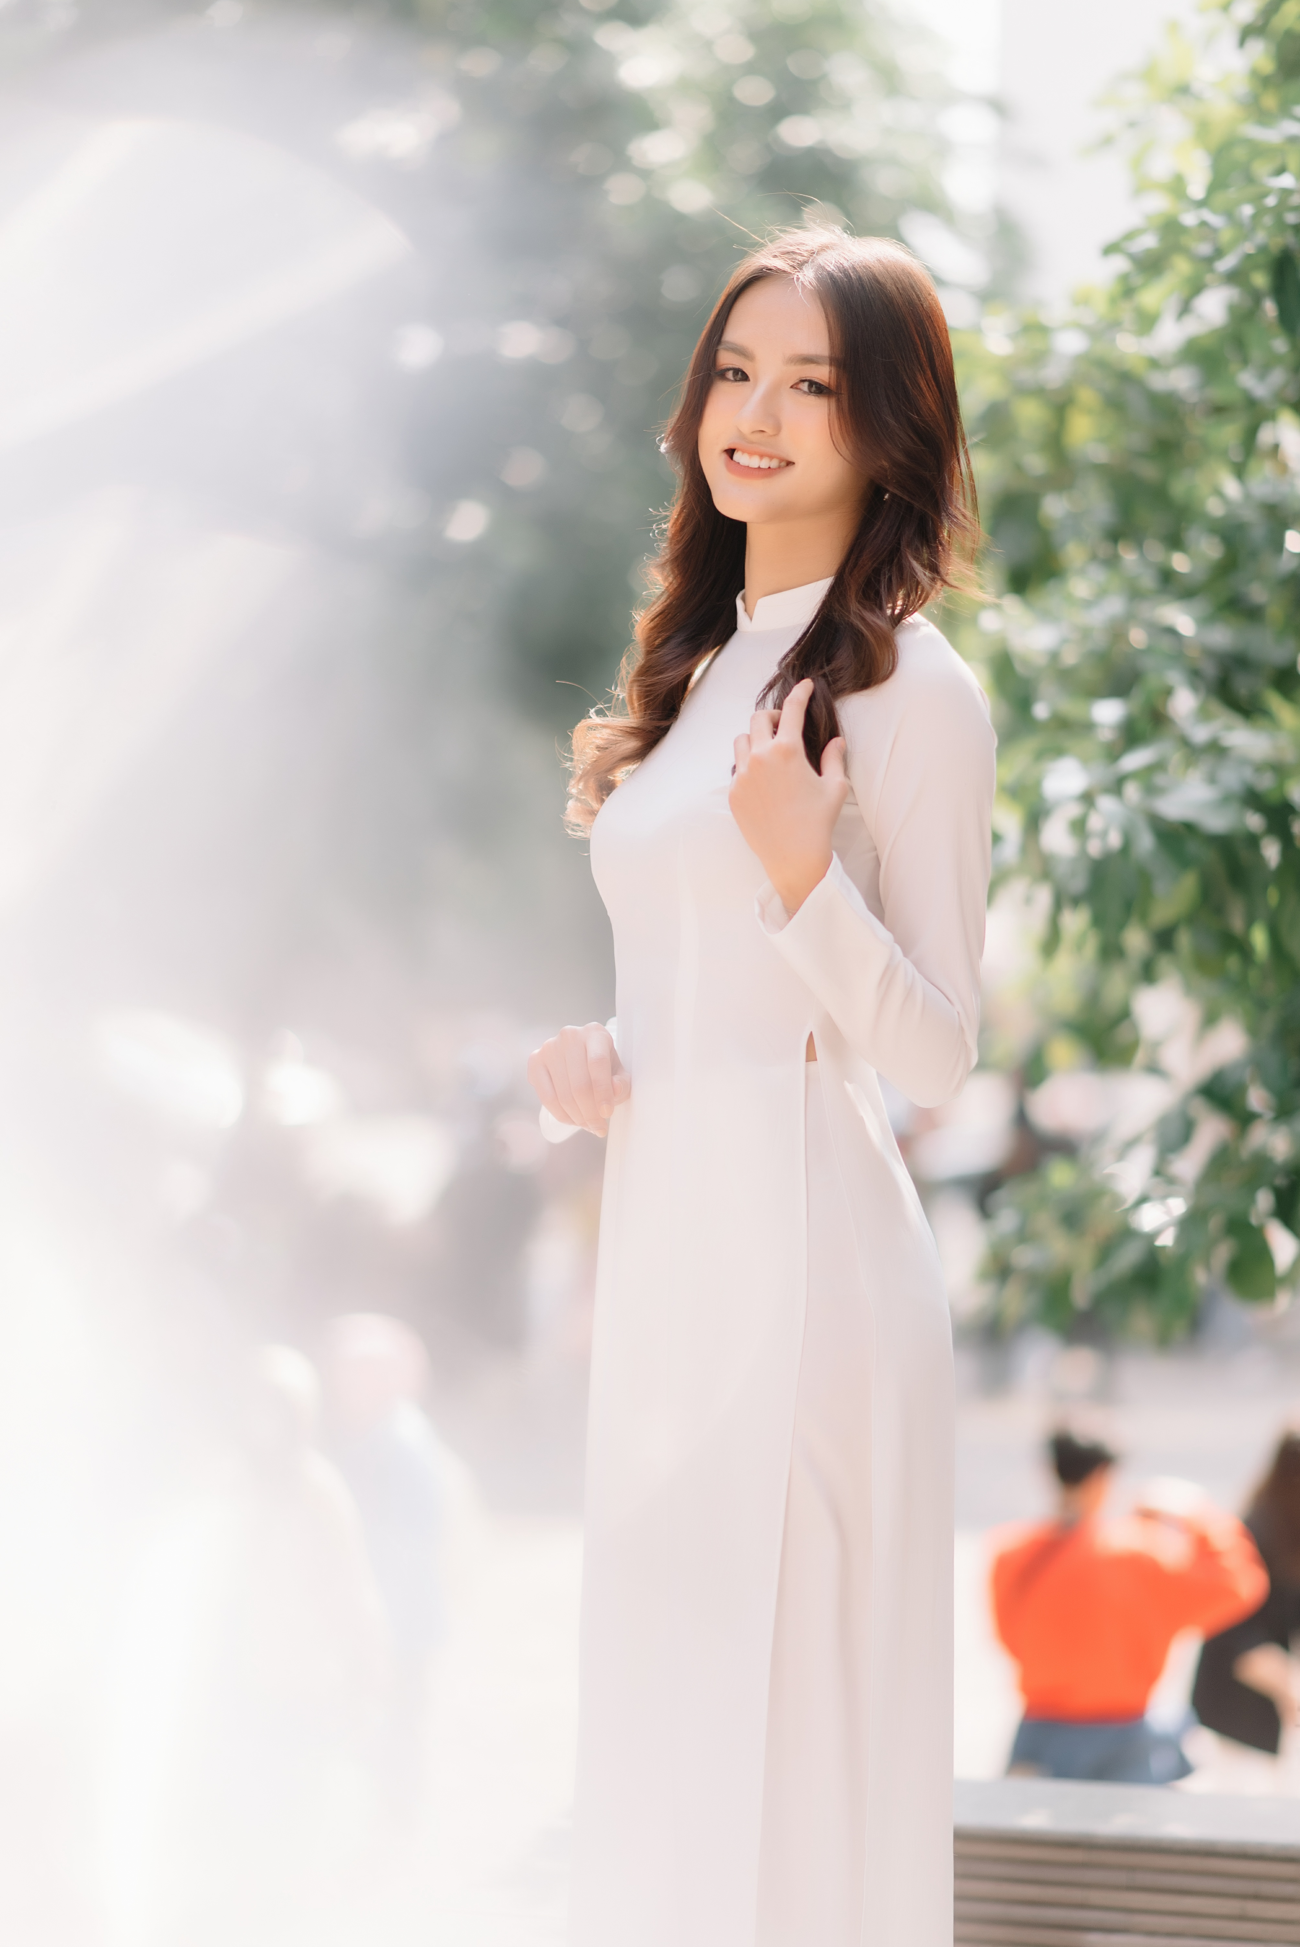 Hoa khôi Đại học Ngoại thương từng thi Hoa hậu Việt Nam 2020 giờ ra sao? ảnh 7